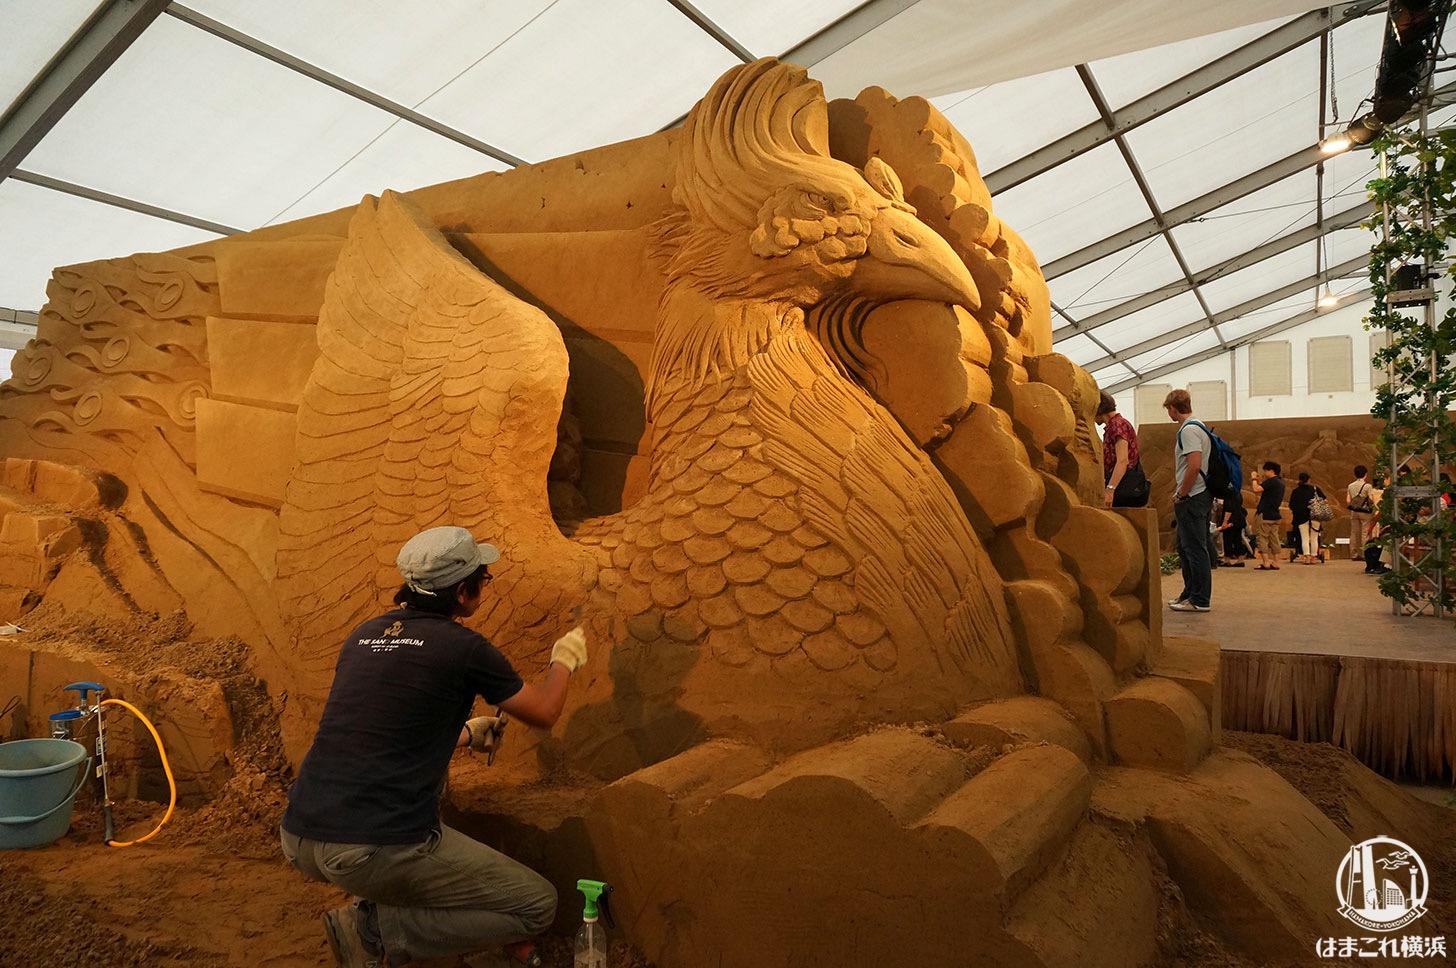 ヨコハマ砂の美術館 砂の彫刻 作業の様子